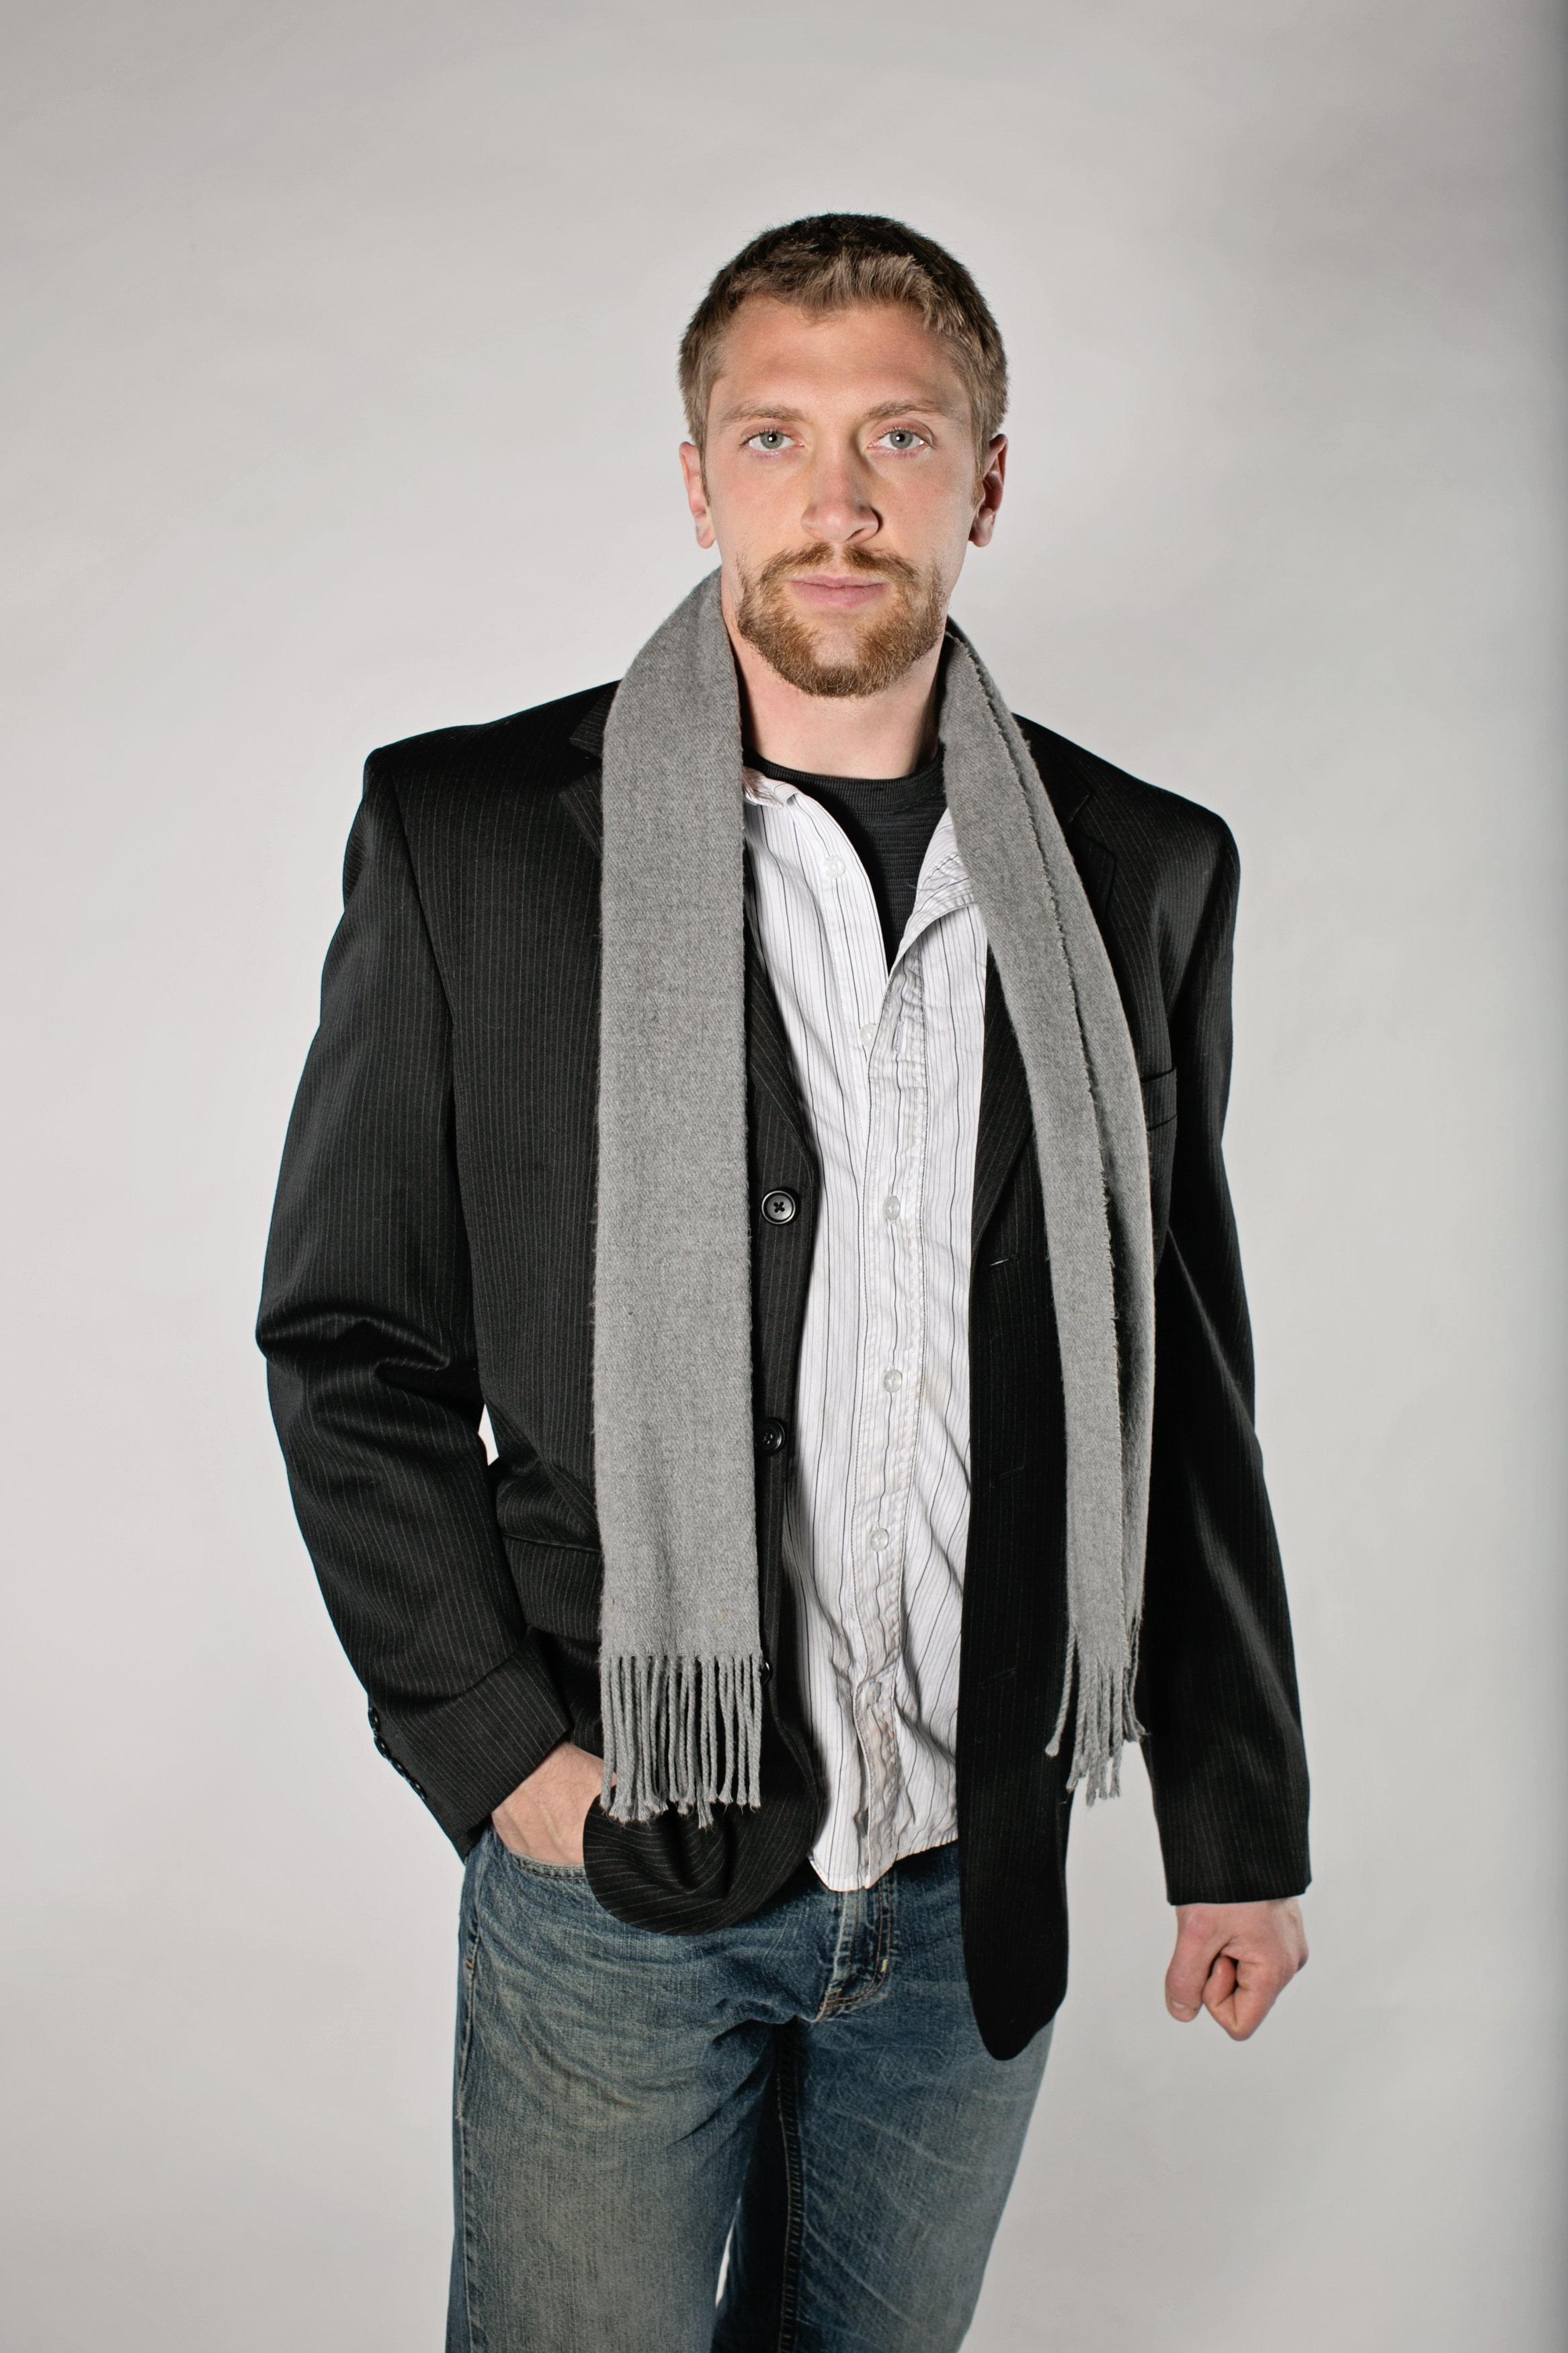 Célèbre Images Gratuites : homme, costume, mâle, maquette, printemps  TG35